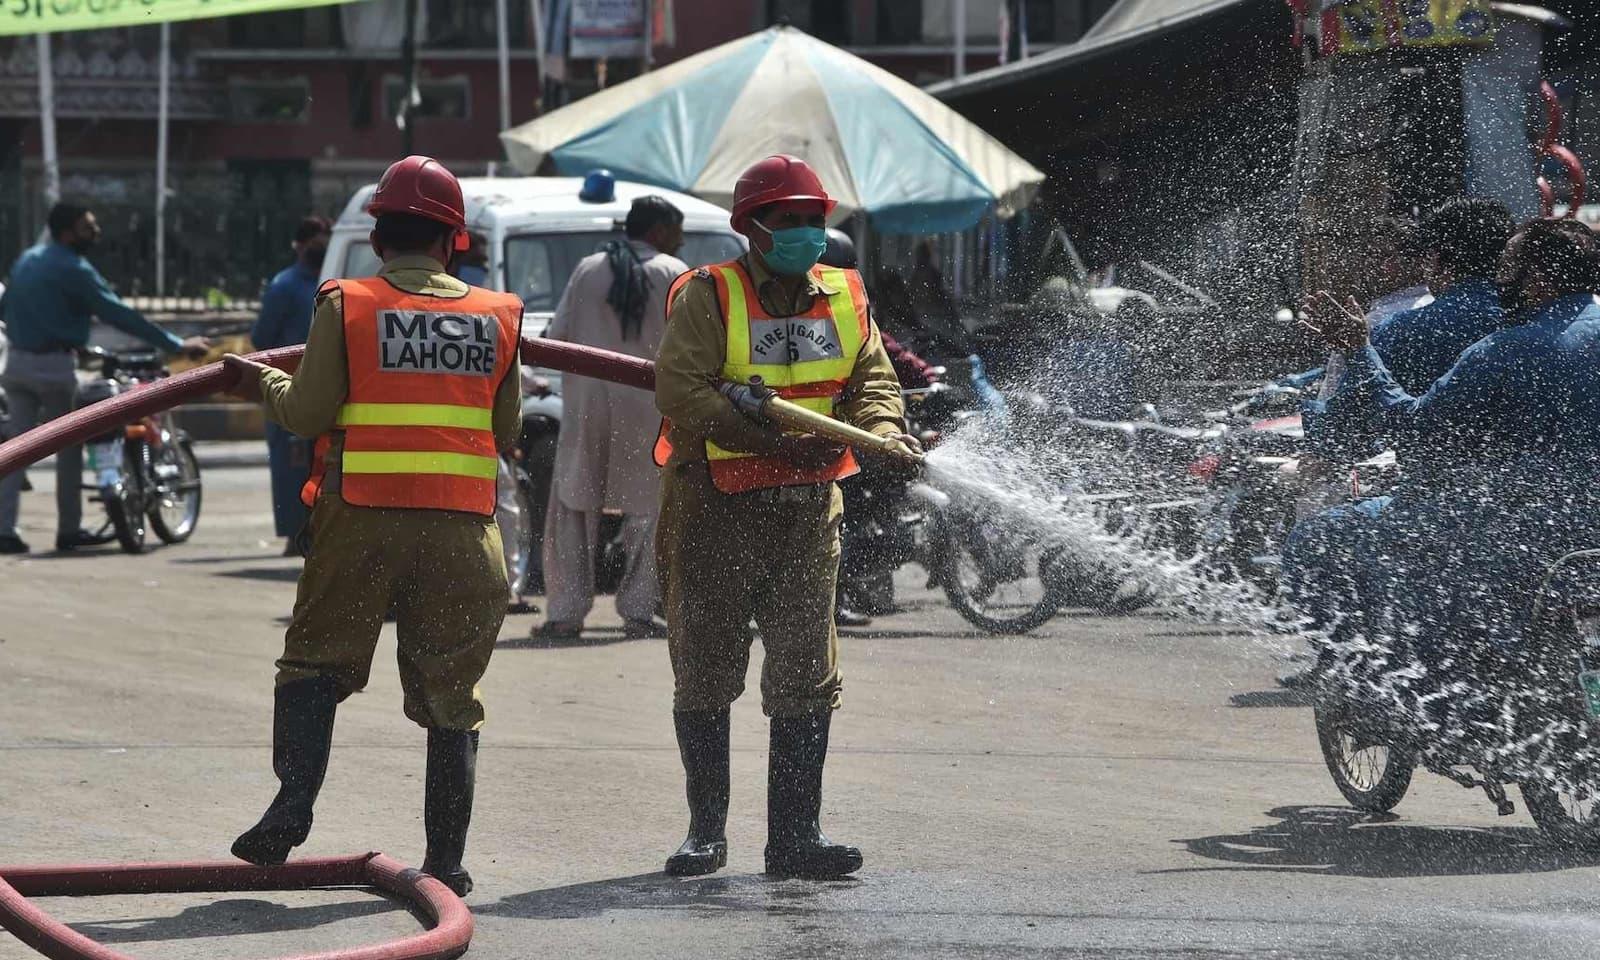 لاہور میں میونسپل کا عملہ جراثیم کش اسپرے کر رہا ہے — فوٹو: اے ایف پی